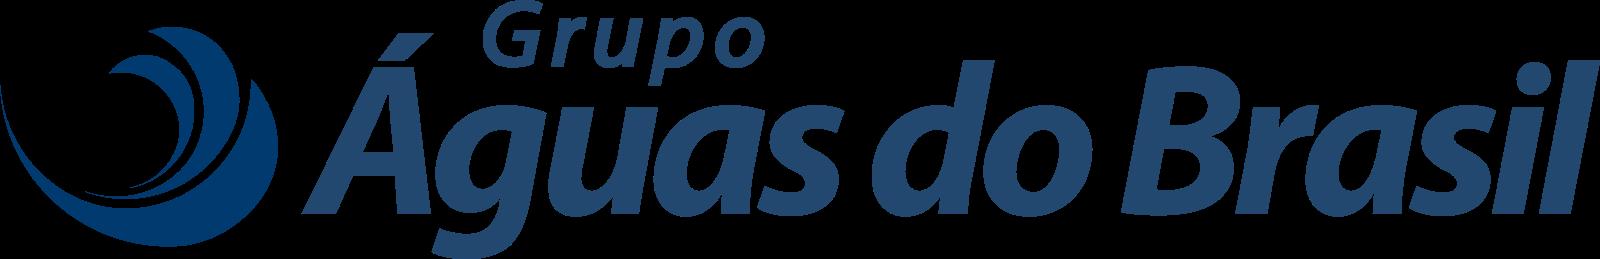 grupo aguas do brasil logo 2 - Águas do Brasil Logo